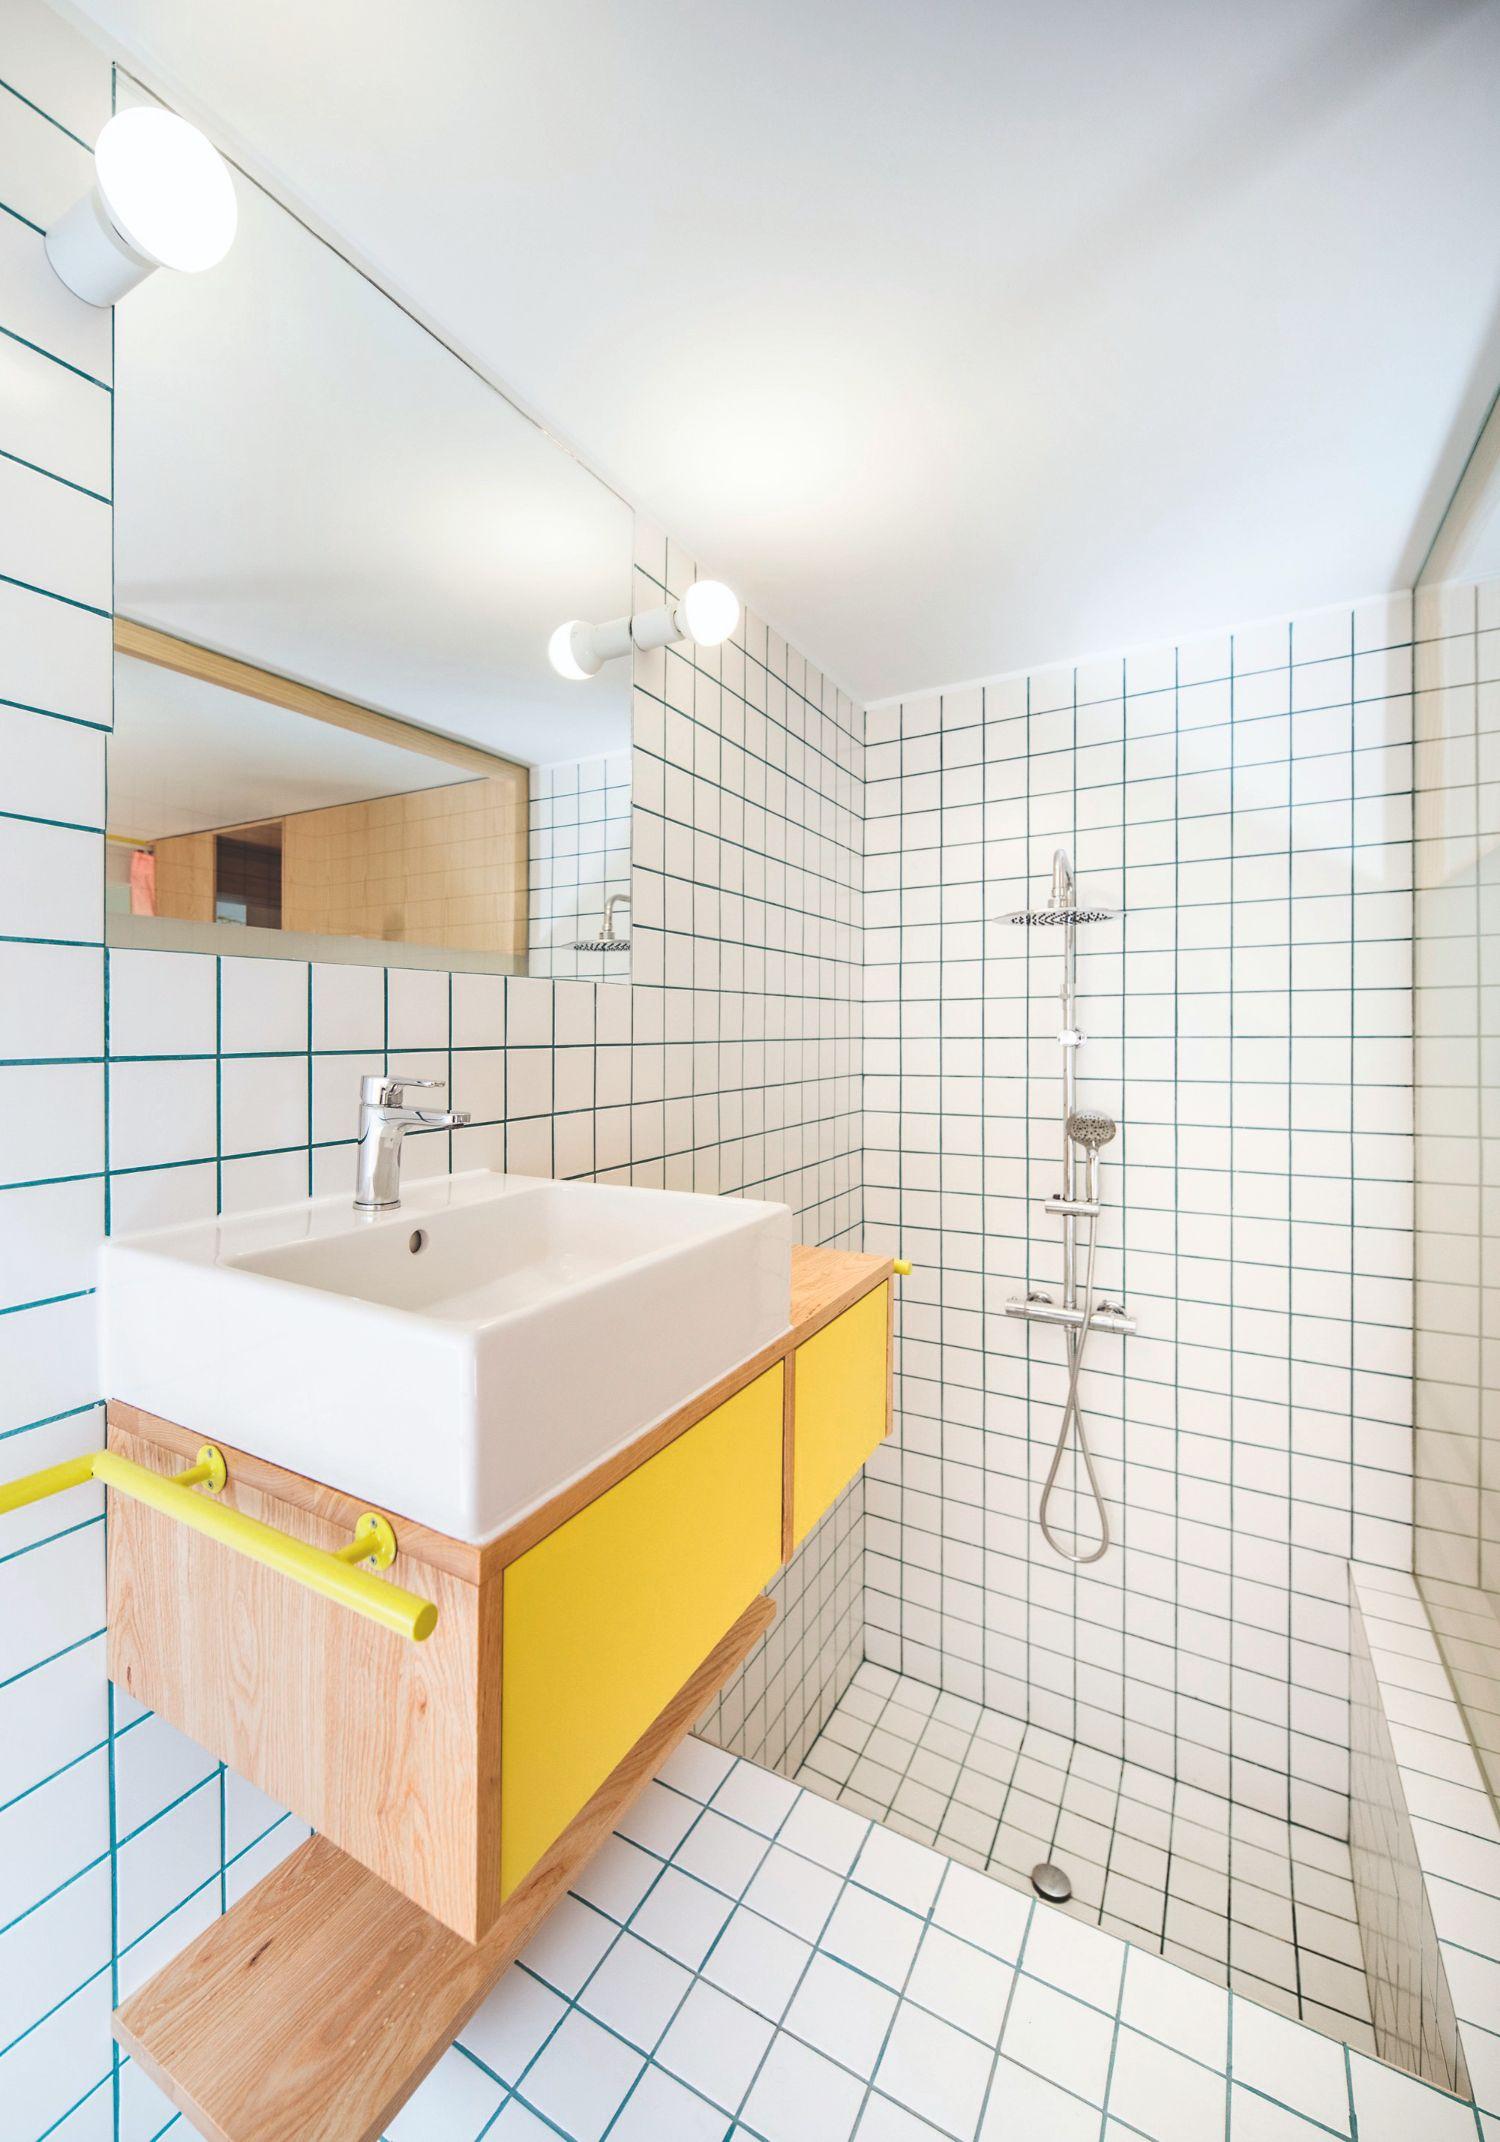 Koupelna s barevnými spárami